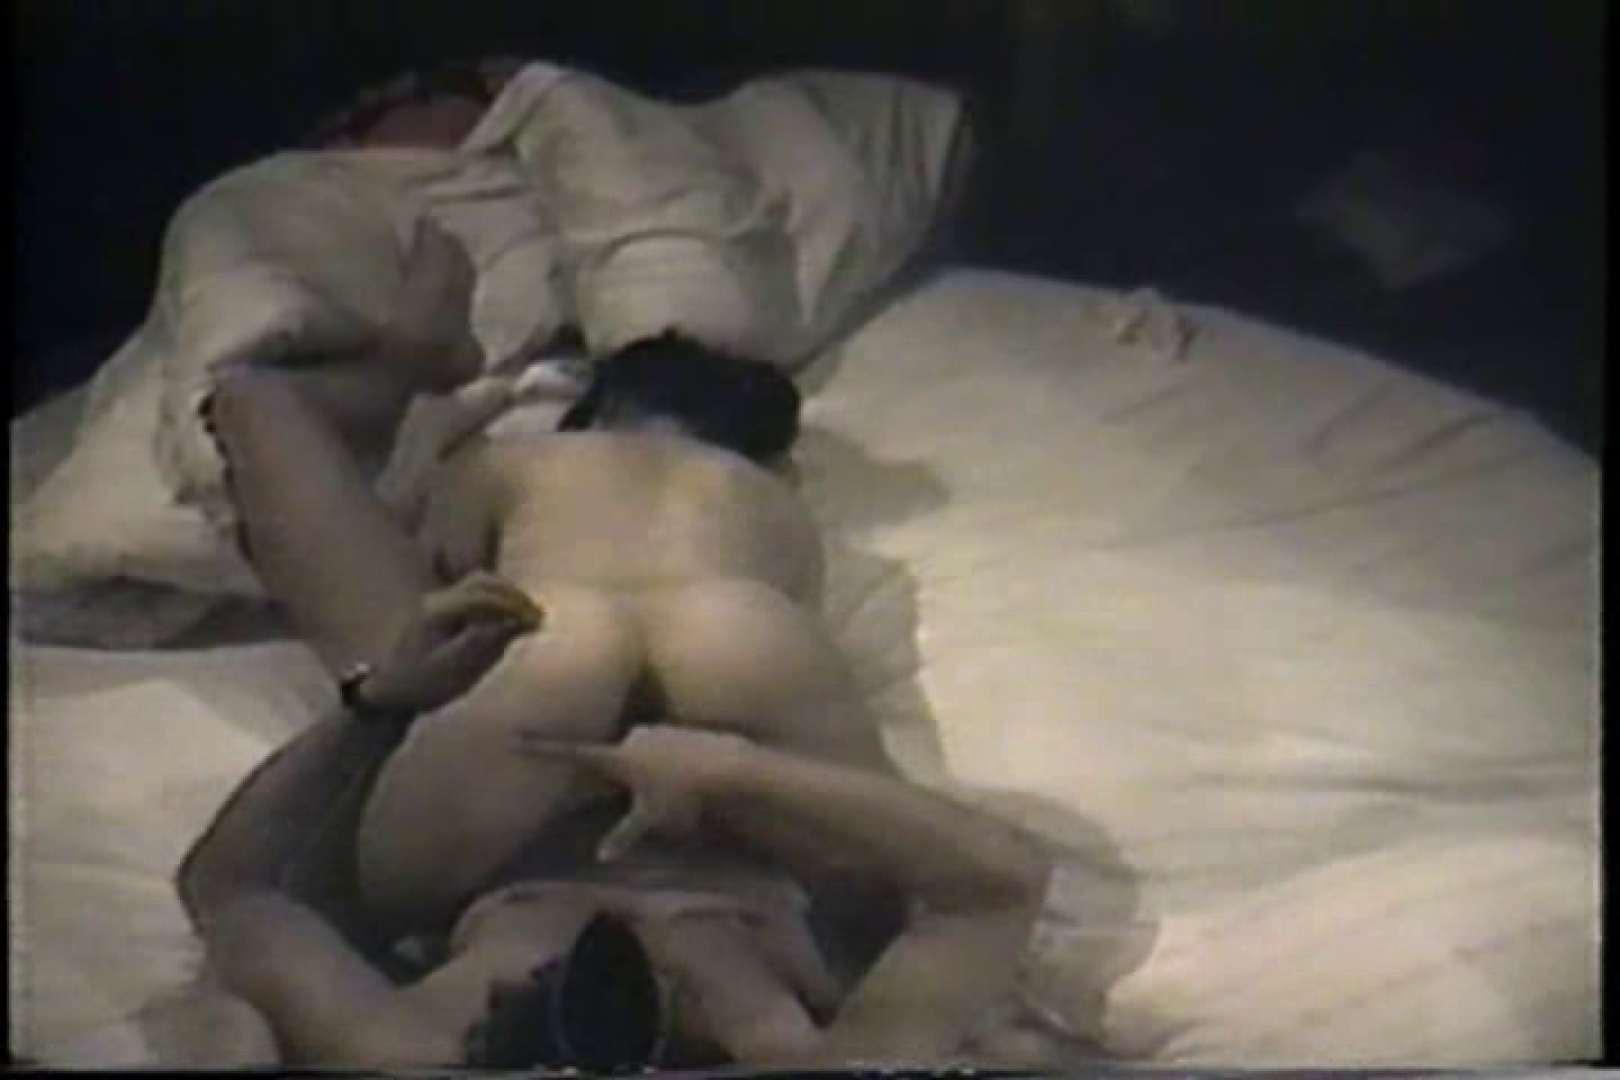 実録!ラブホテル~消し忘れ注意!昭和の色編~ vol.21 熟女丸裸   ラブホテル隠し撮り  104pic 43